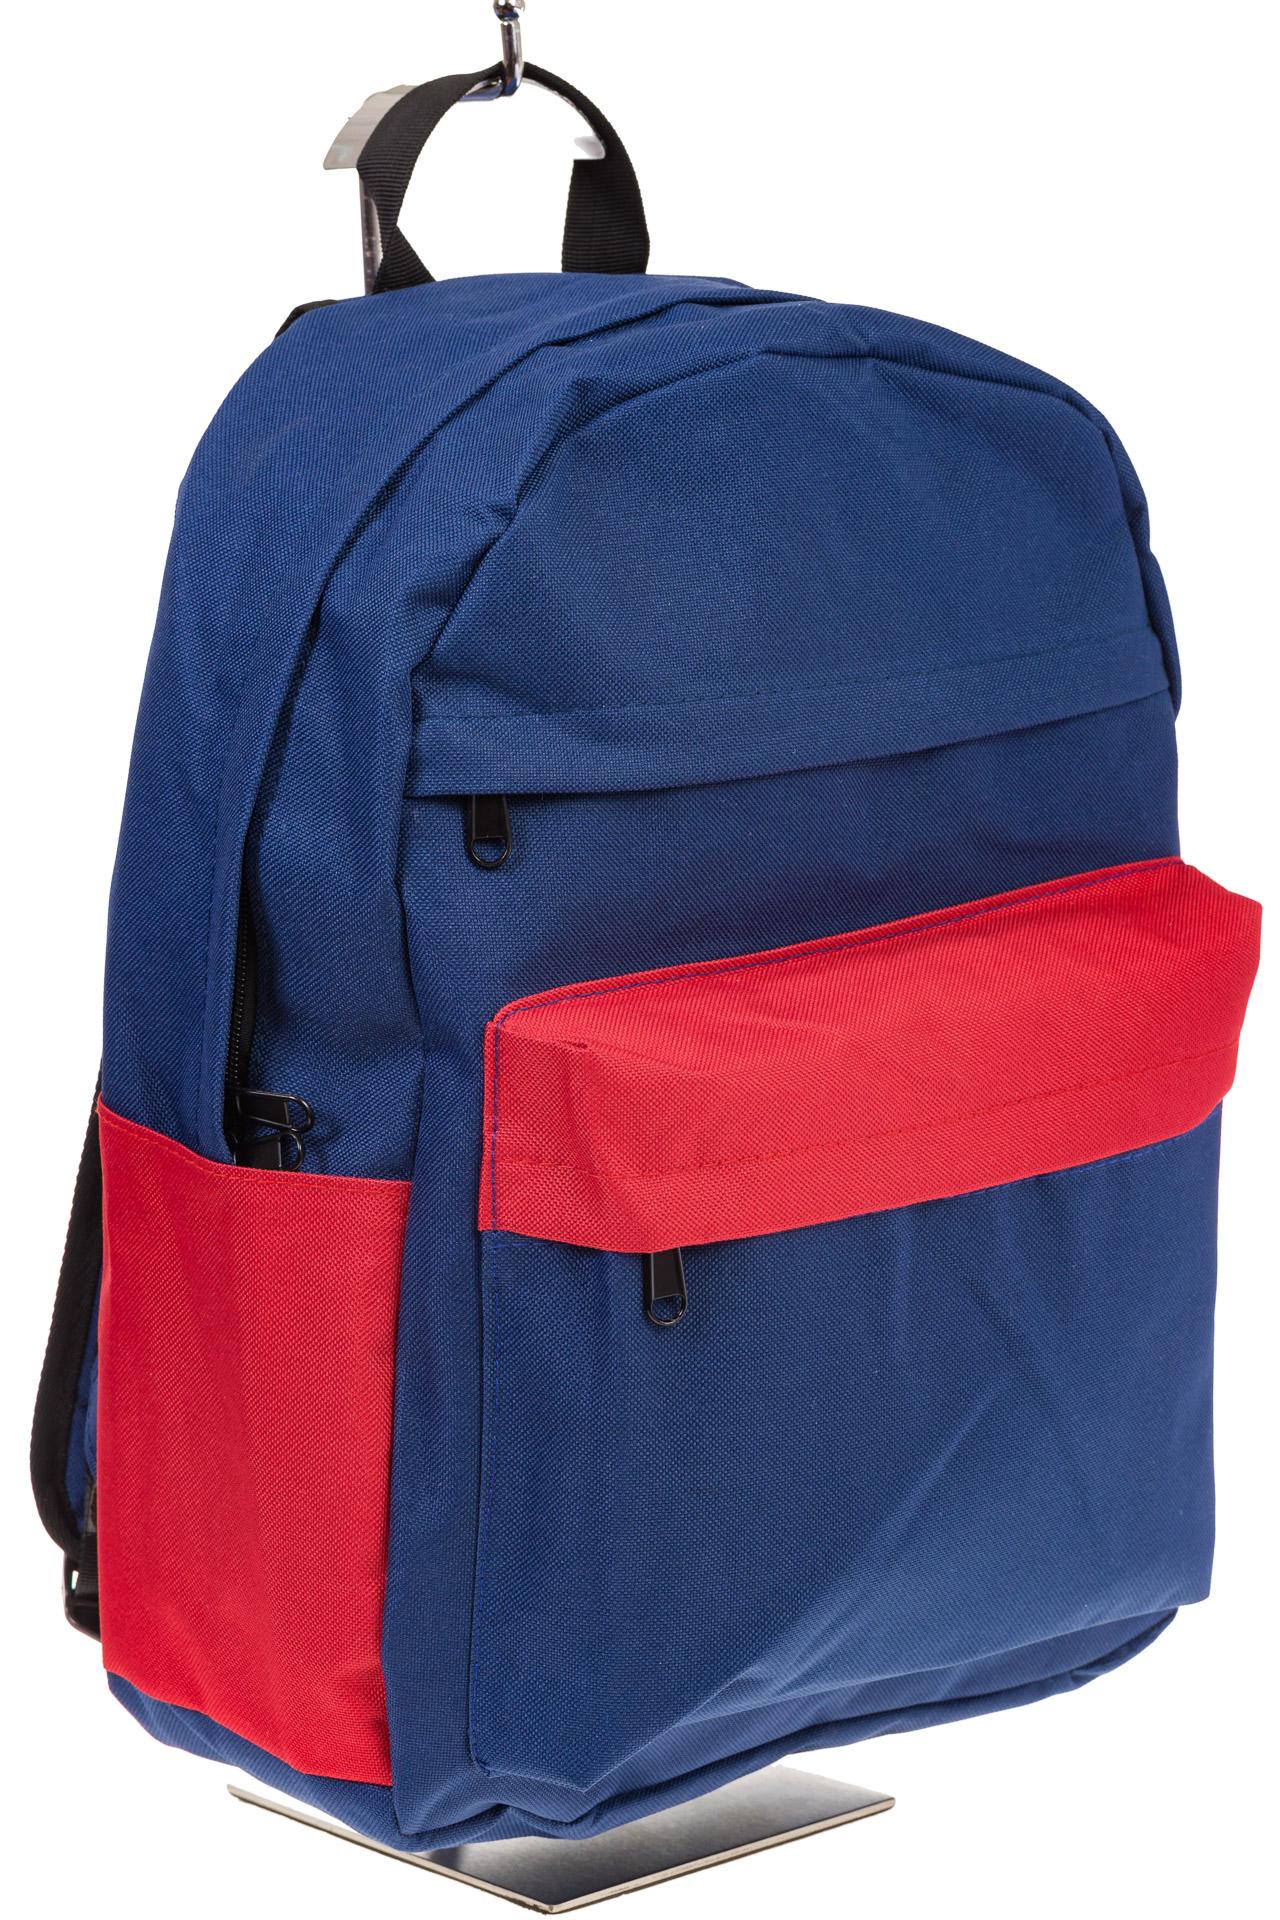 На фото универсальный молодежный рюкзак, цвет – сине-красный, материал – текстиль, купить оптом в магазине Грета